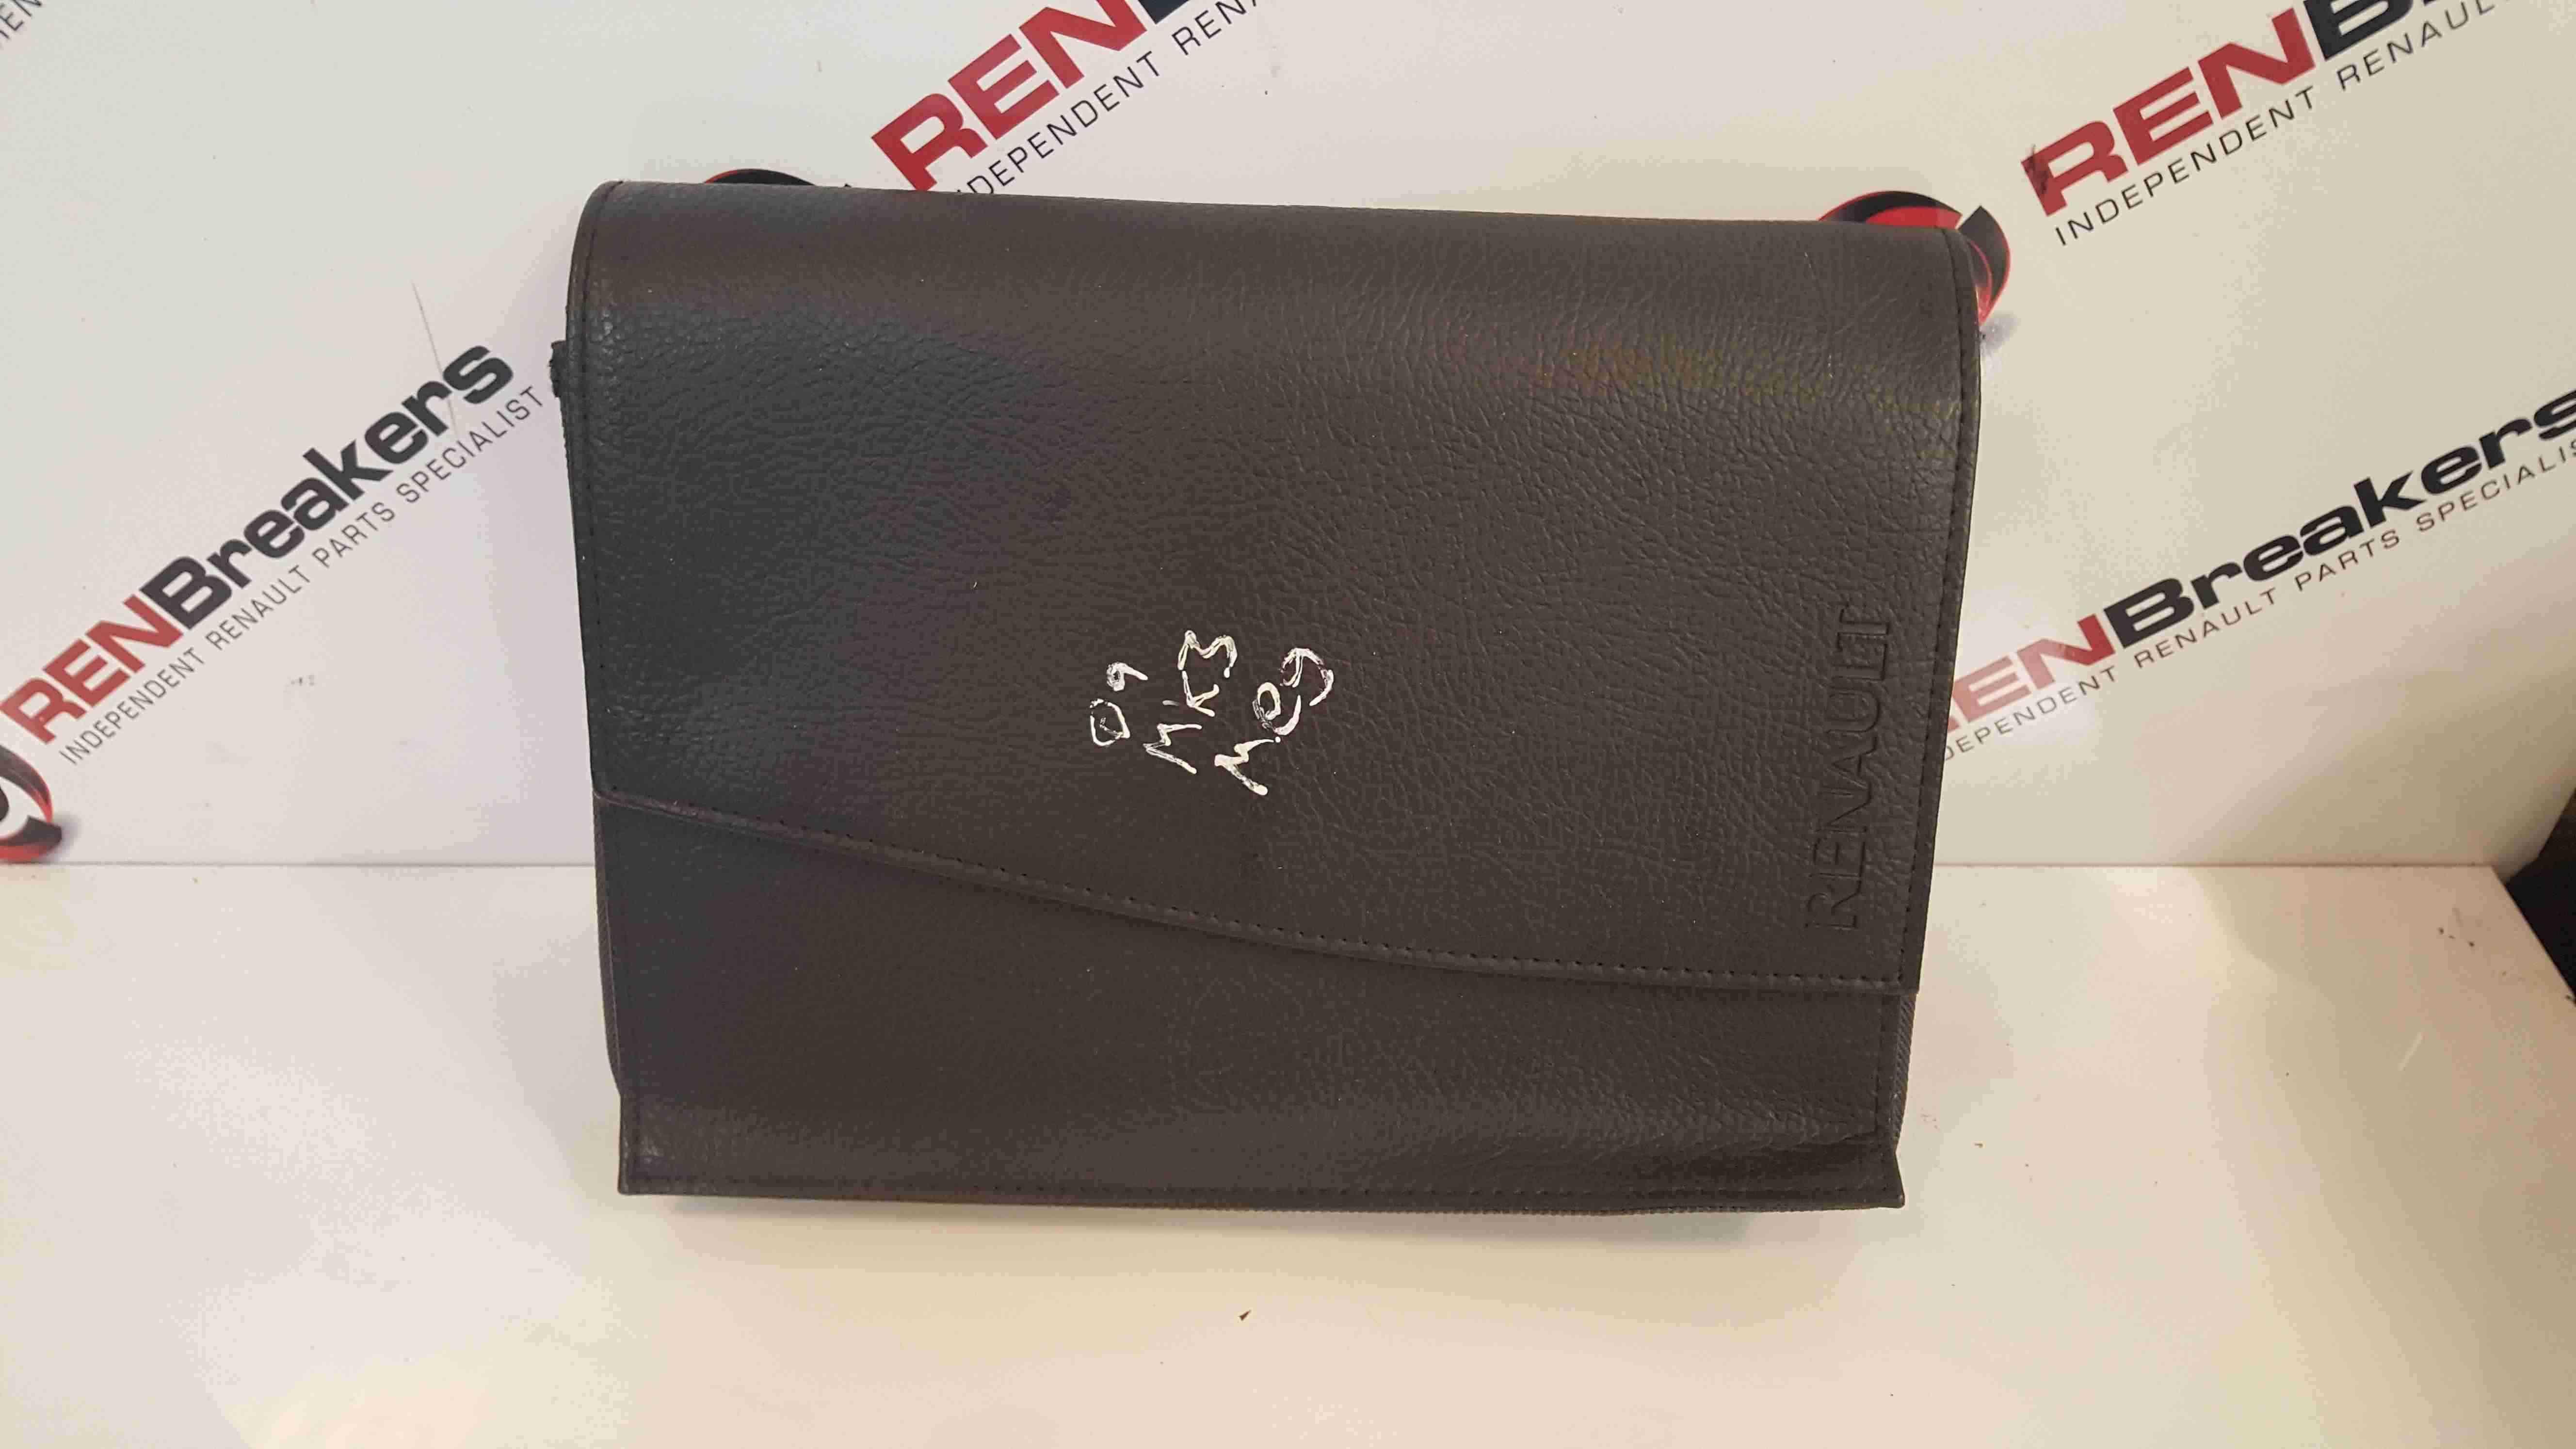 Renault Megane MK3 2008-2012 Document Wallet + Guides